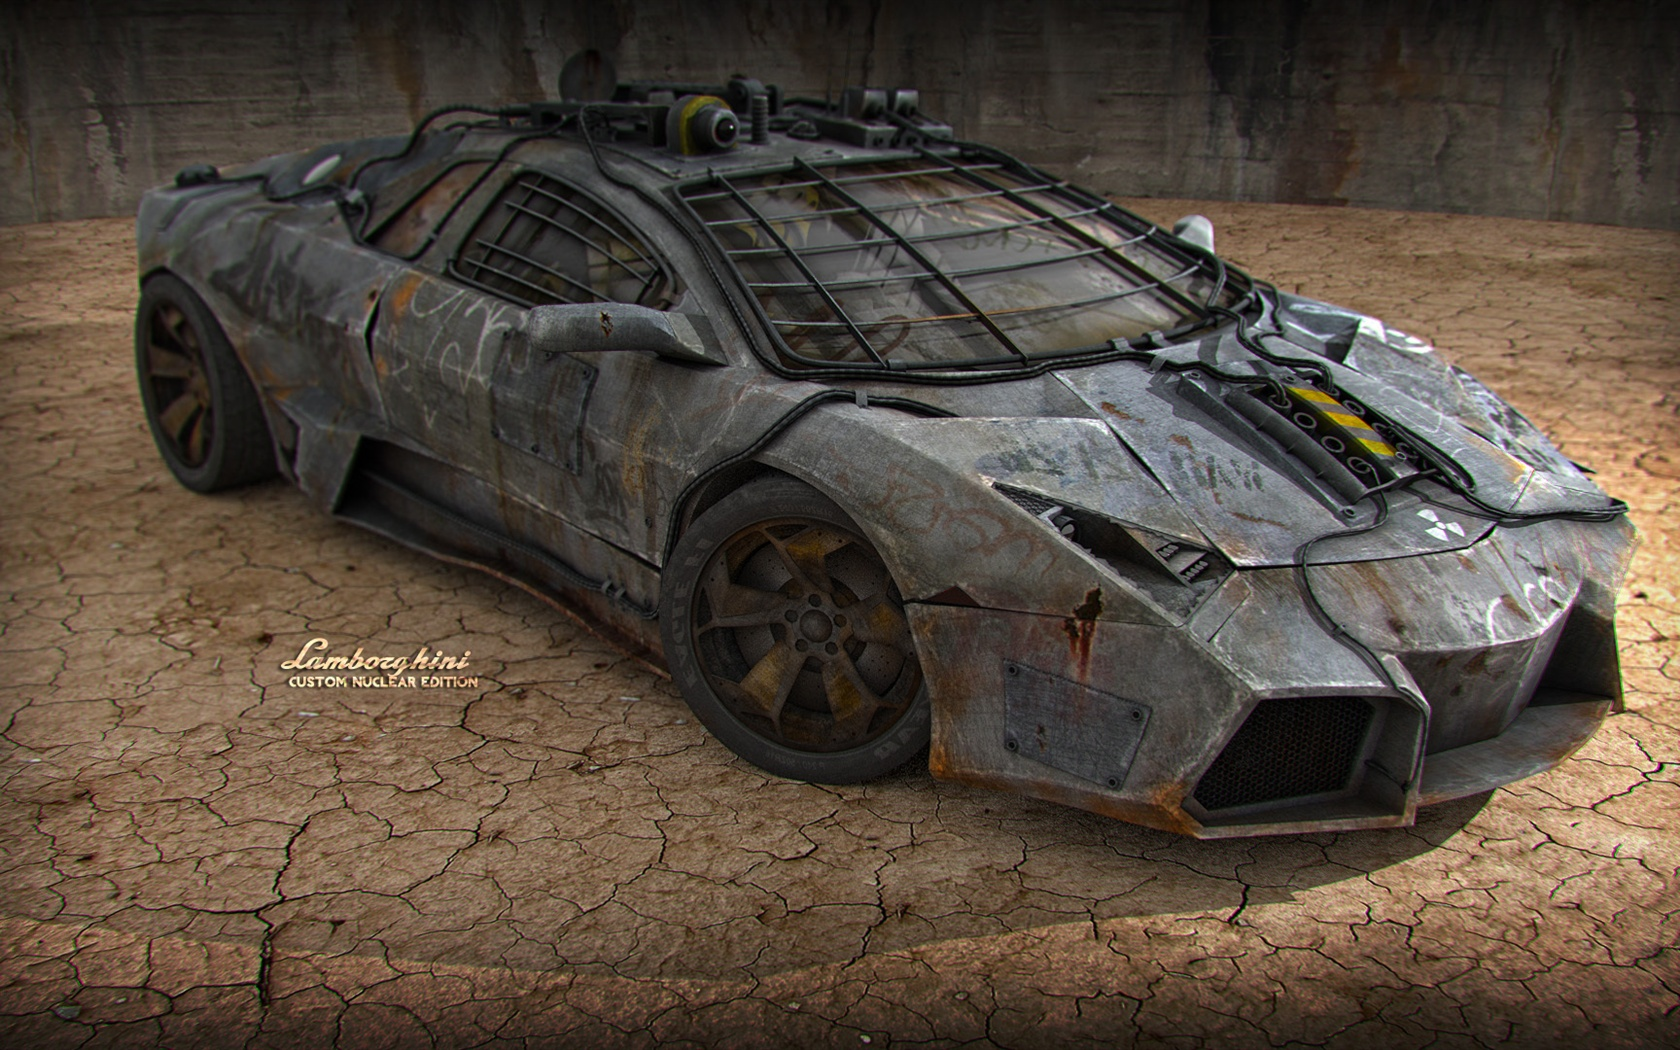 Wallpaper Lamborghini Sports Car Armor Art 1920x1080 Full Hd 2k